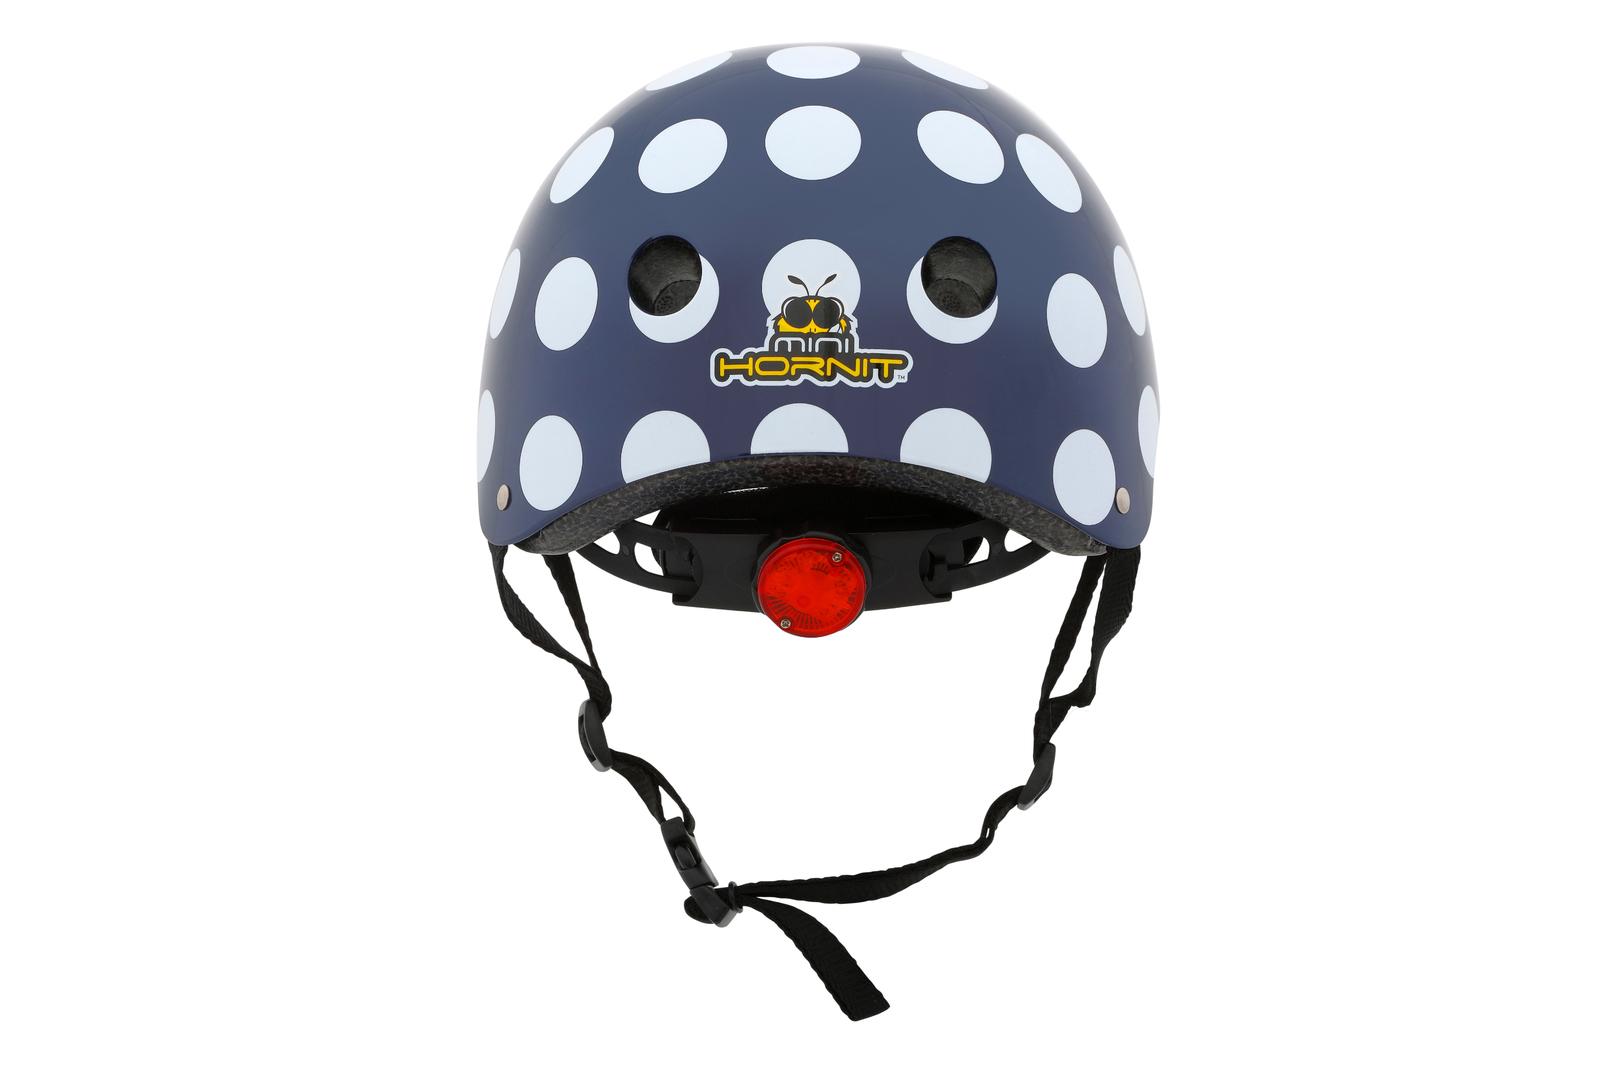 Hornit: Black Polka Dot Bike Helmet - Medium image